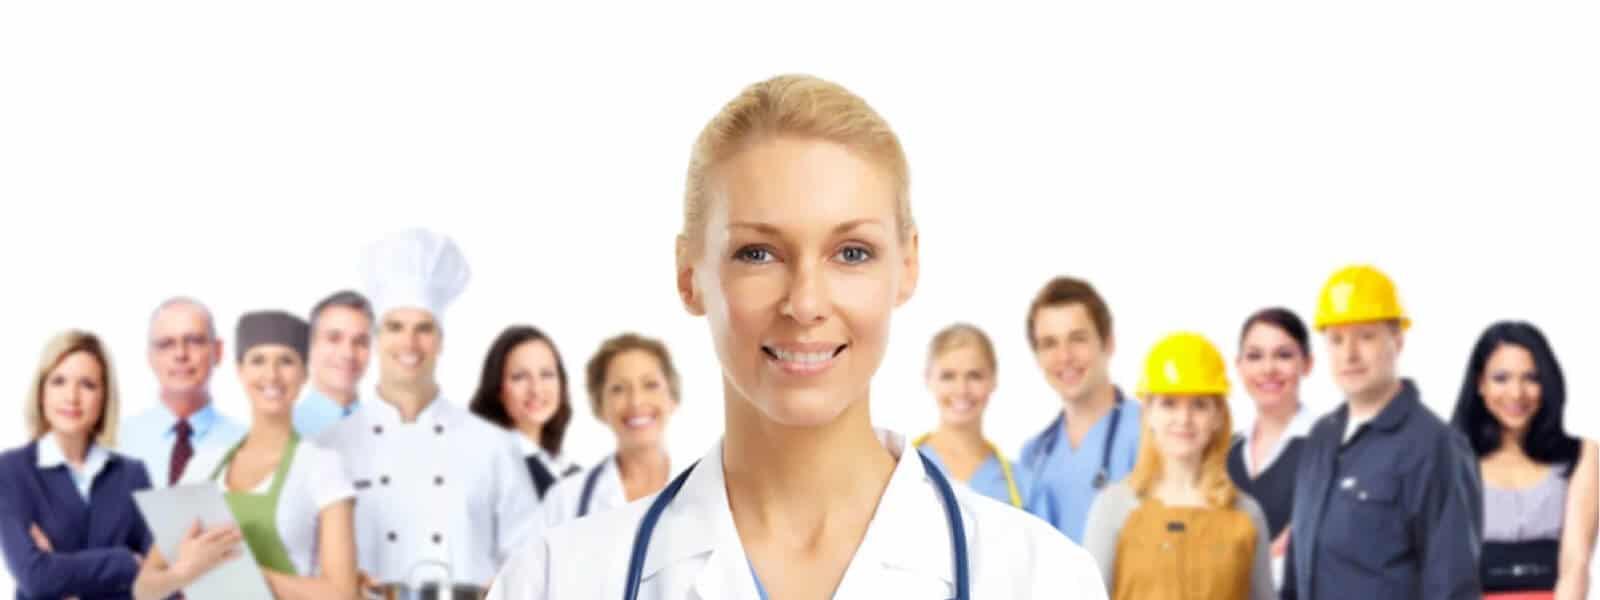 Diplomado Alta Especialización en Seguridad y Salud Ocupacional